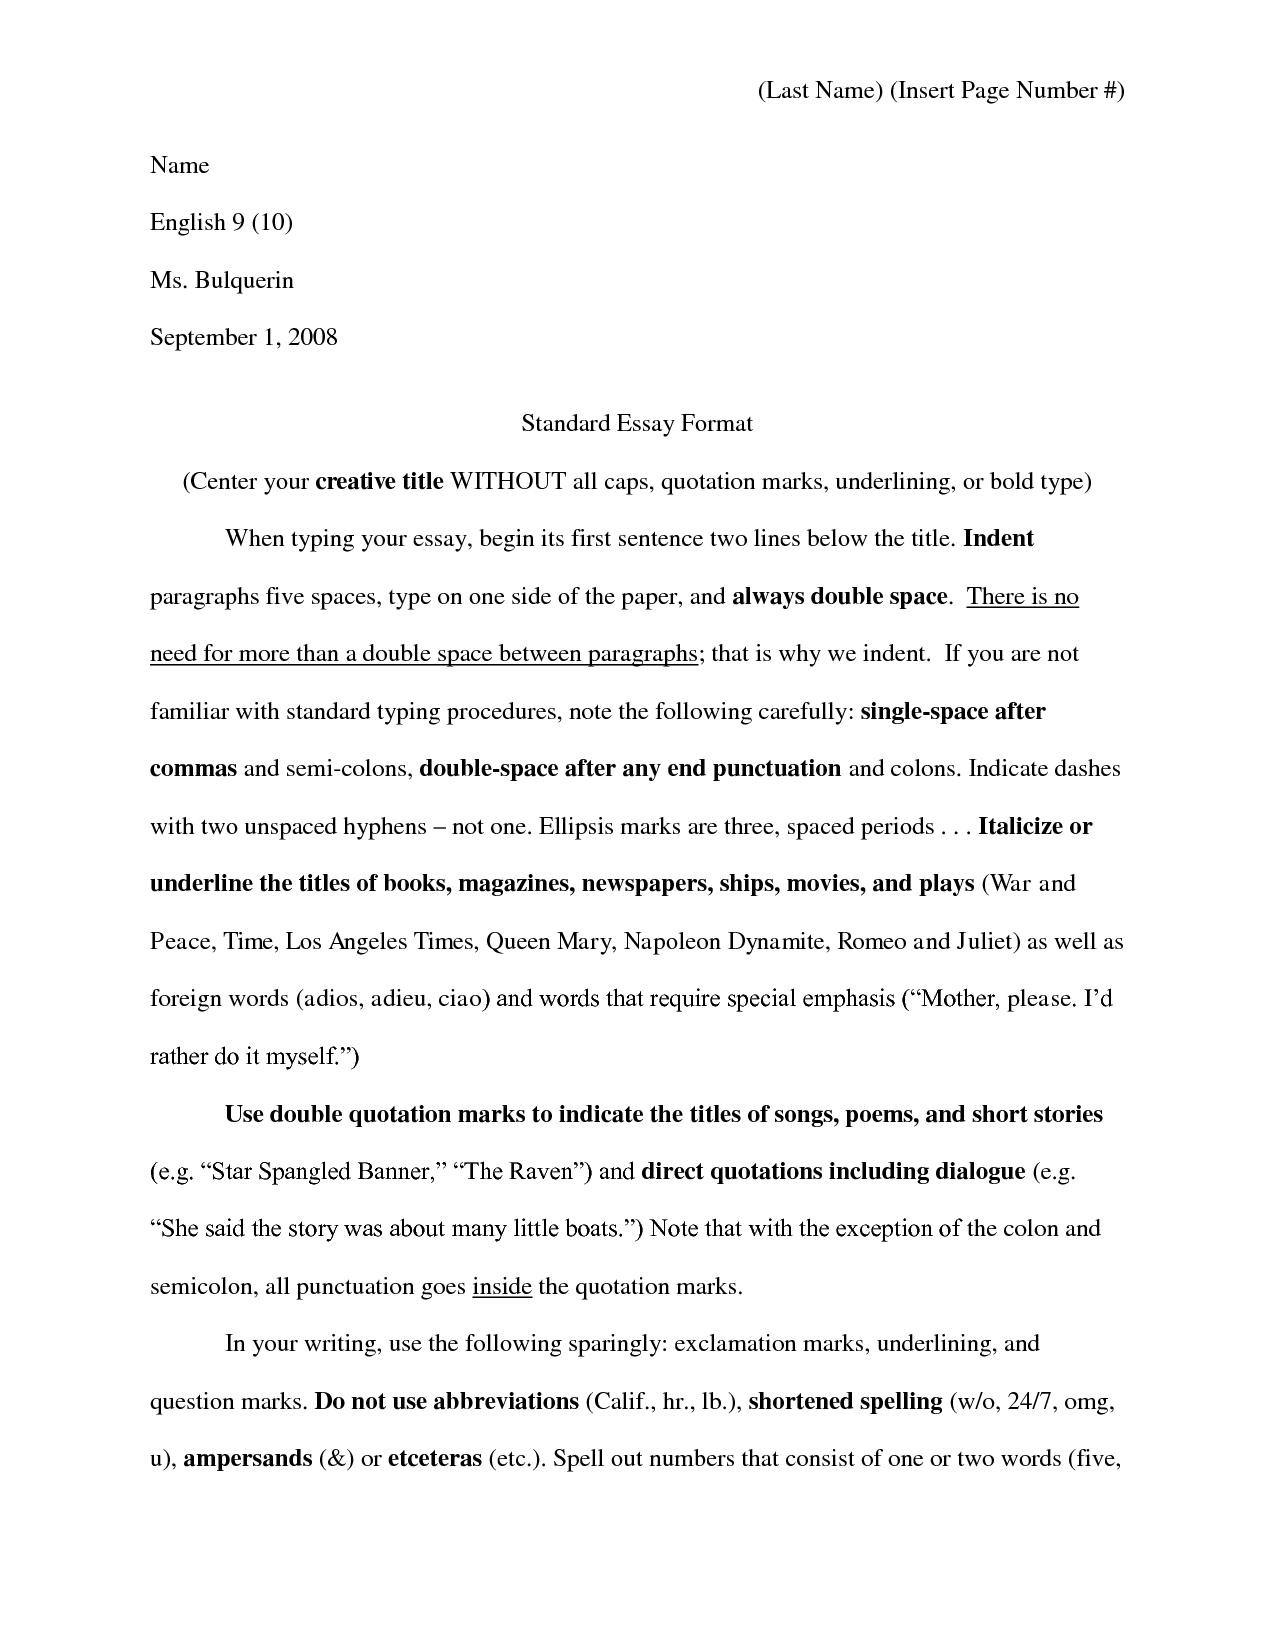 012 Essay Example Ama Best Format Full